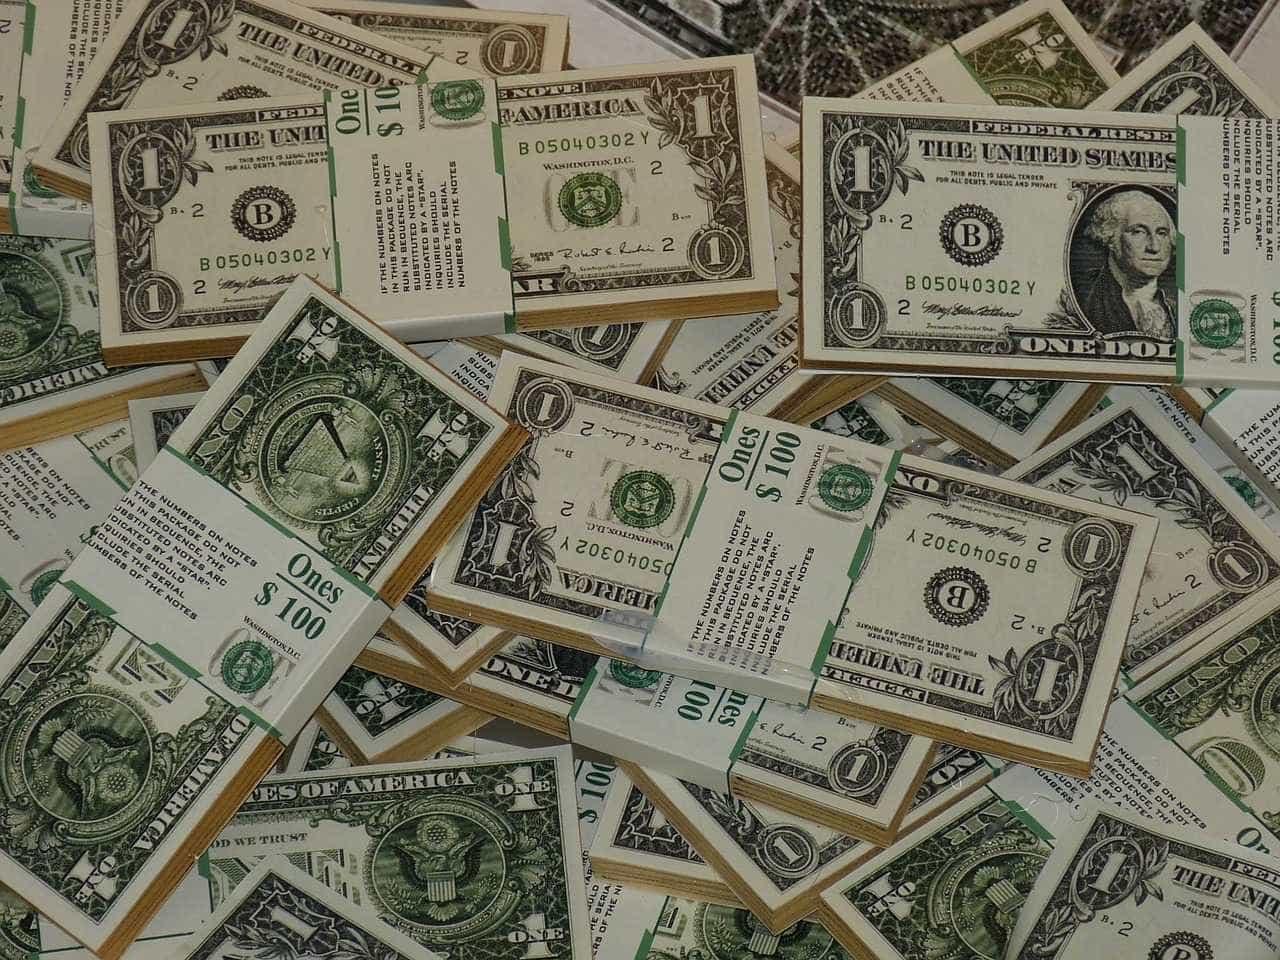 Instabilidade faz dólar bater R$ 3,77 e cessa negociações de títulos